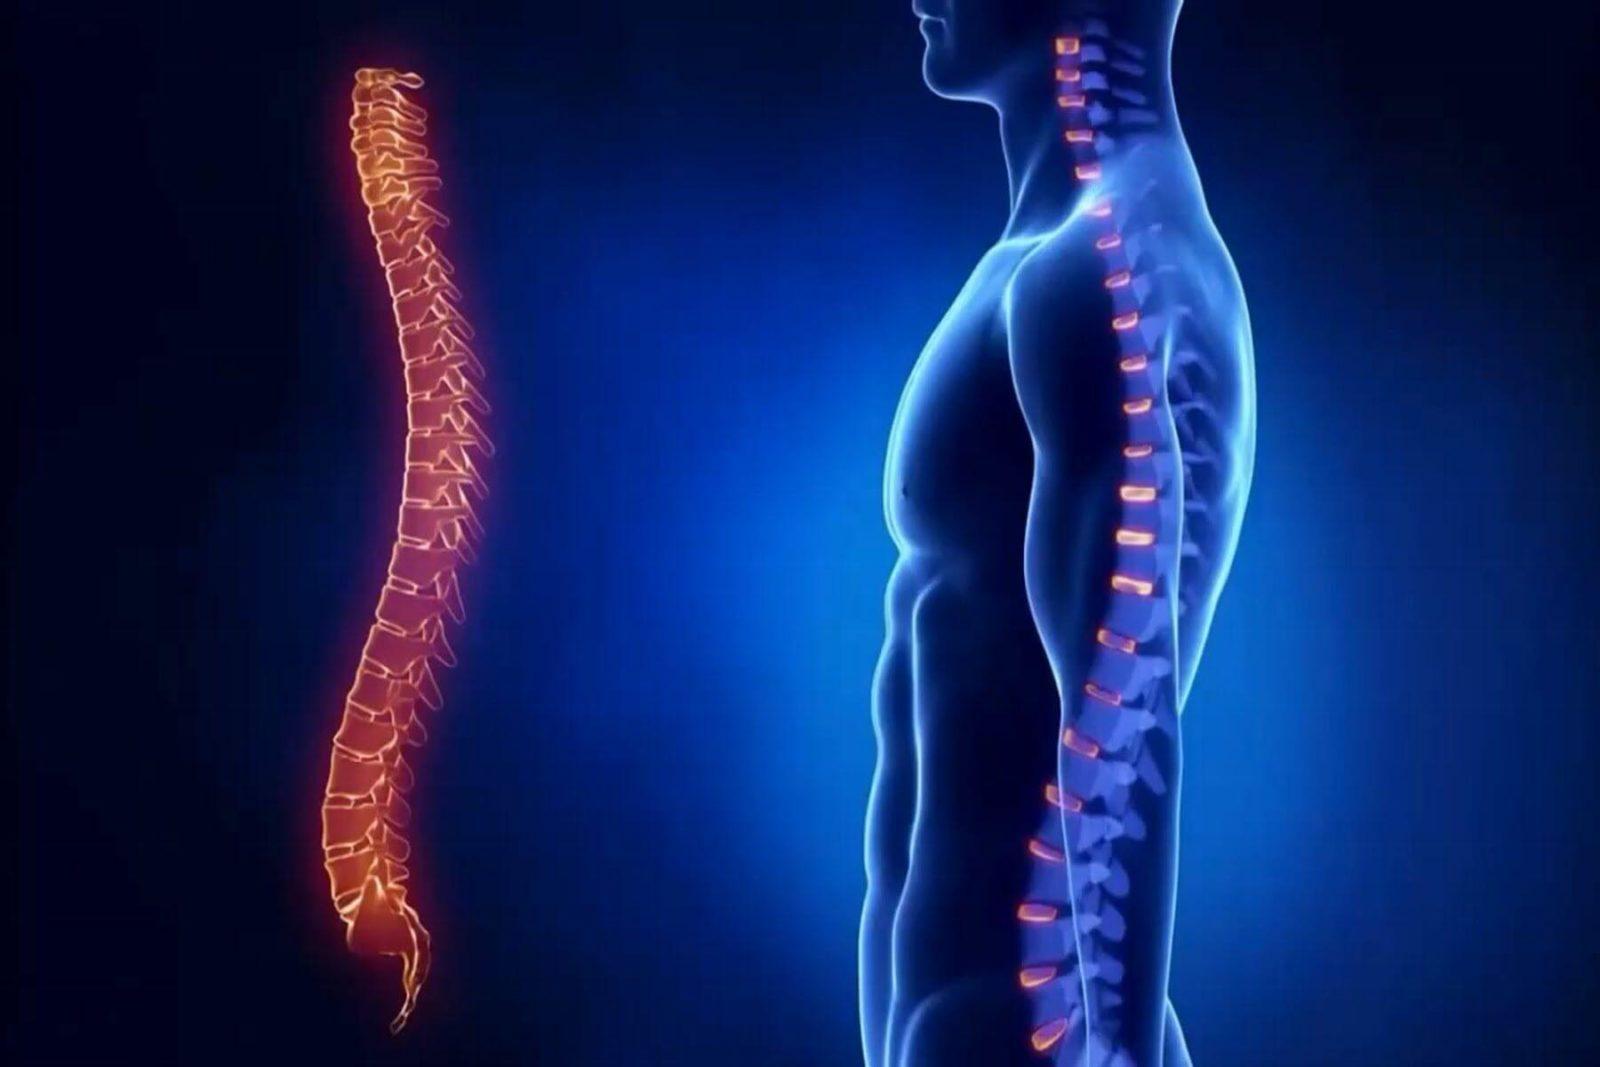 Субхондральный склероз пластинок тел позвонков